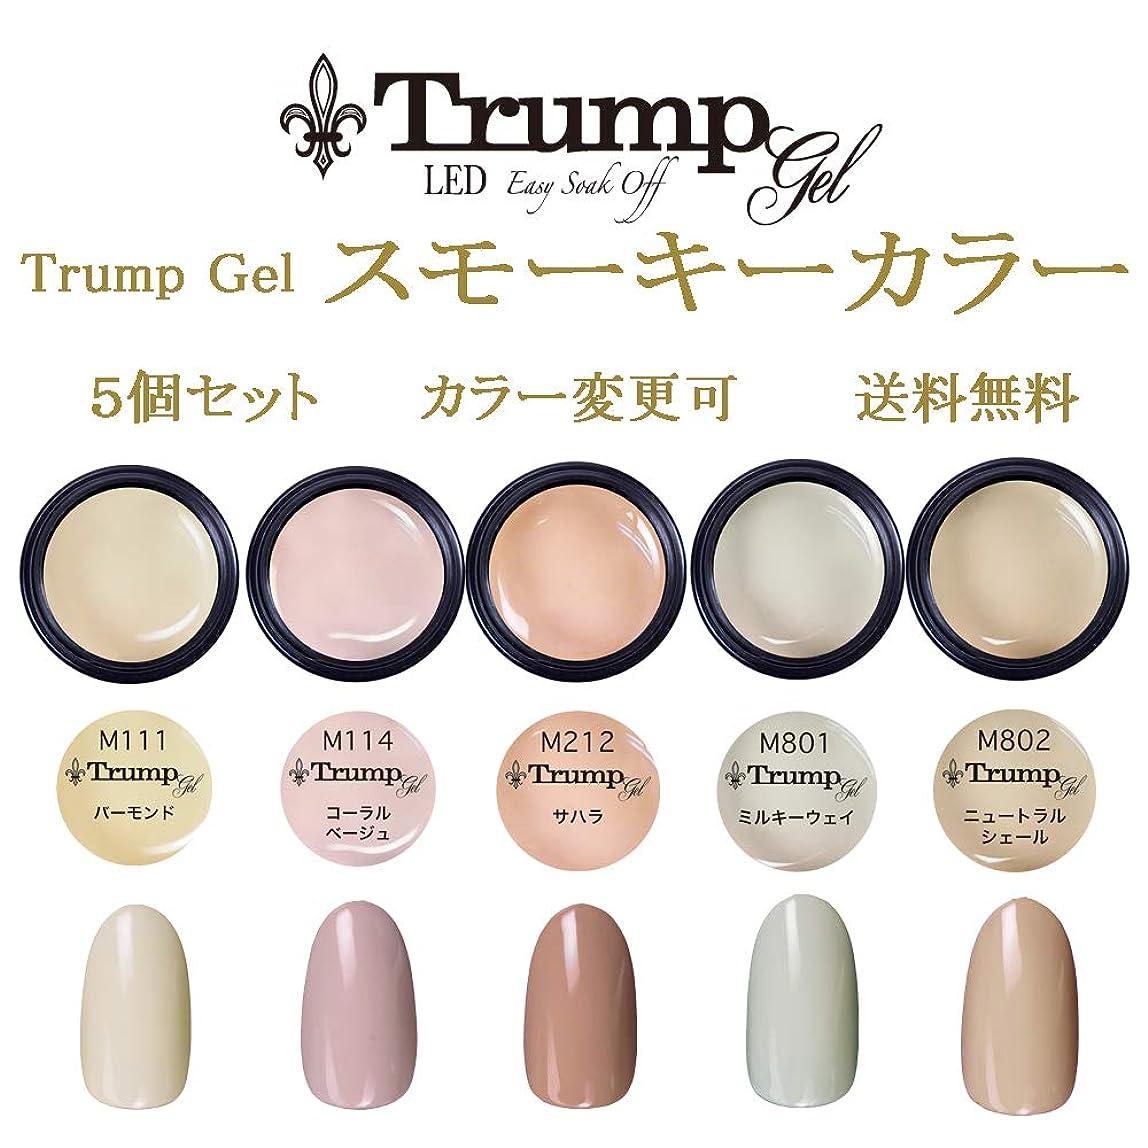 代数的ミスペンドモニター日本製 Trump gel トランプジェル スモーキーカラー 選べる カラージェル 5個セット スモーク ベージュ グレー ブラウン ピンク